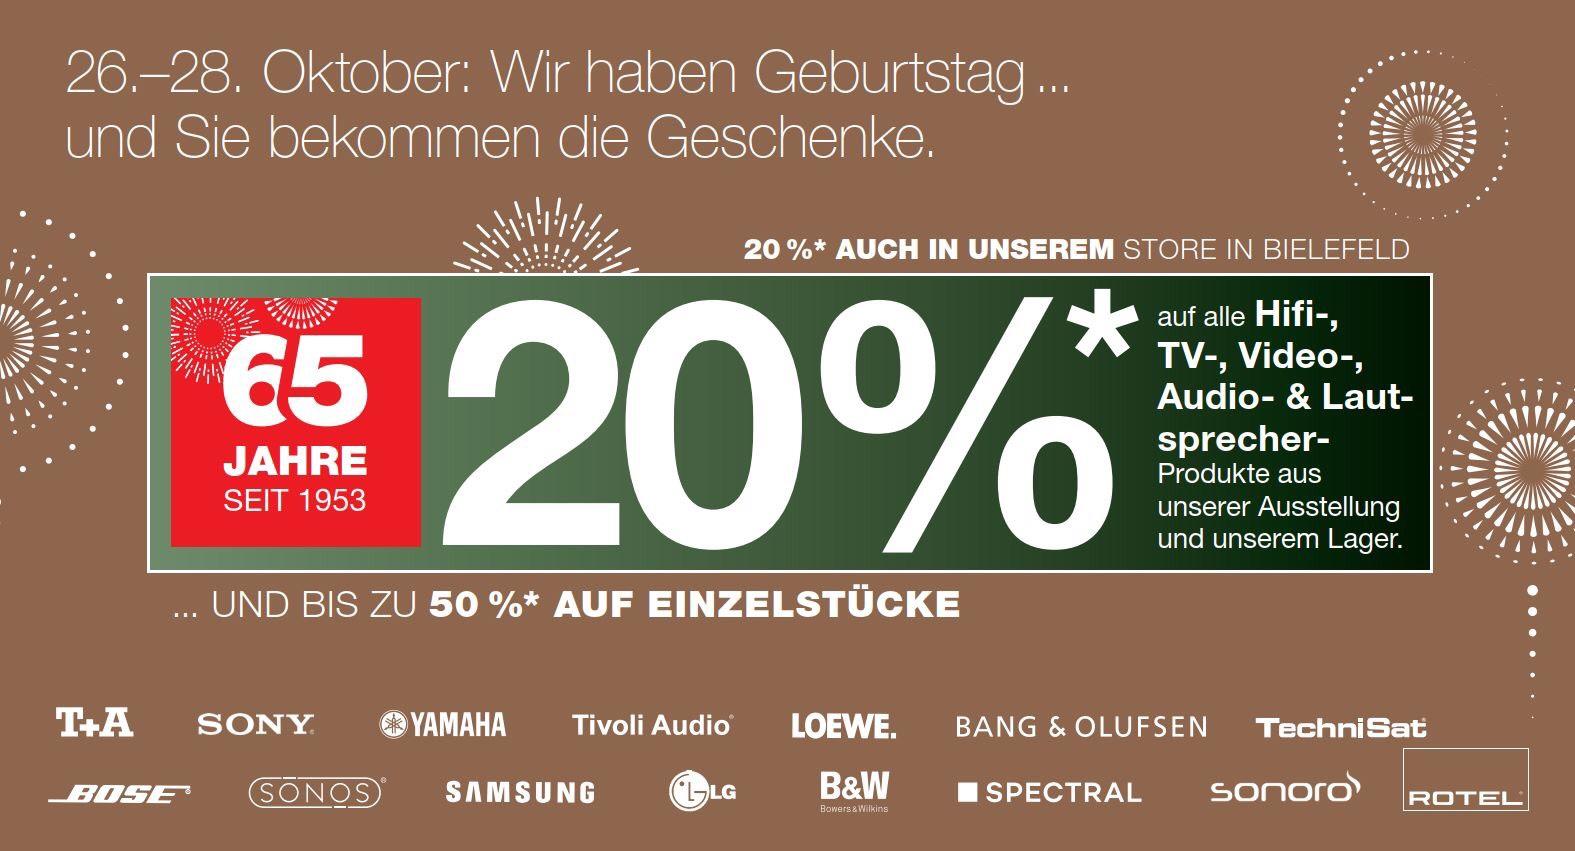 20% auf HiFi, TV, Video, Audio und Lautsprecher [Lokal] in Verl & Bielefeld bei Beckhoff, z.B. Sonos, Bose, Samsung, LG, LOEWE, B&O, Sony